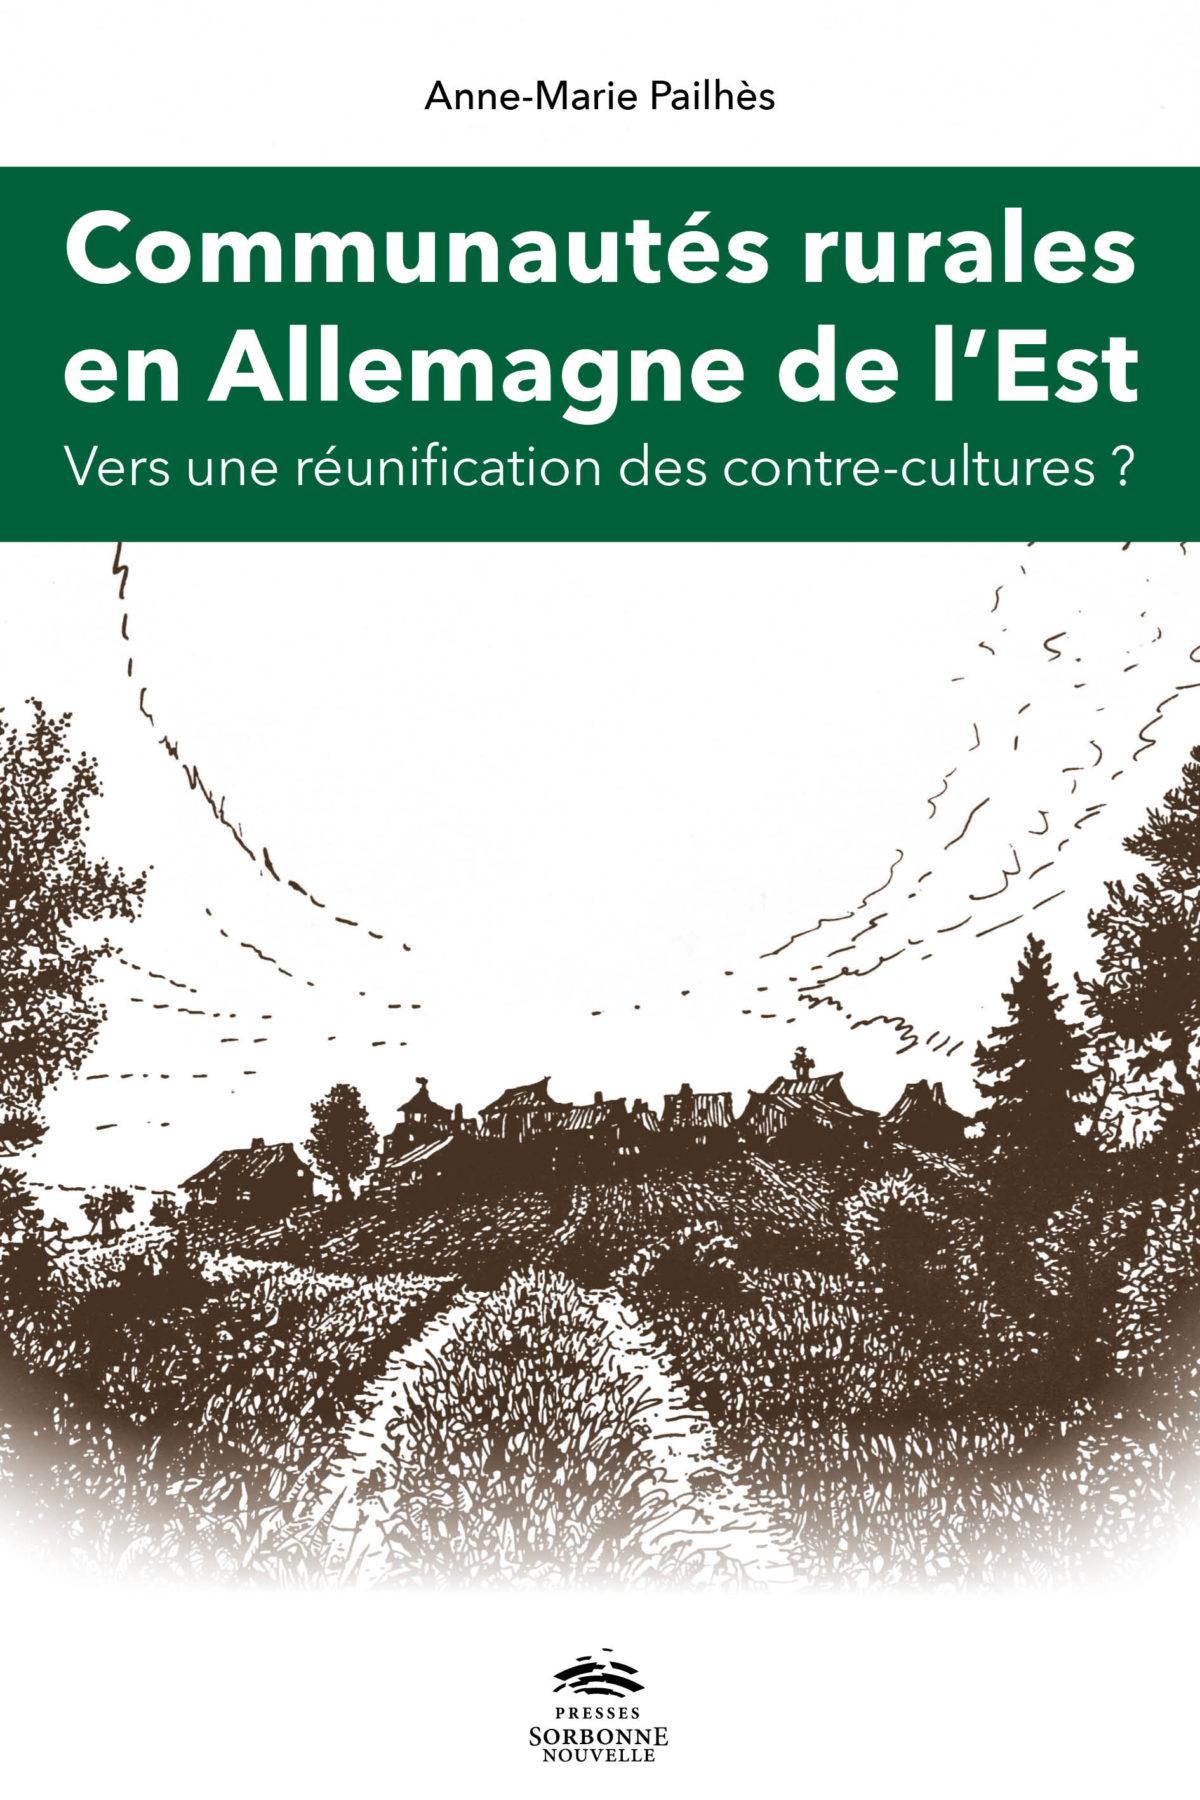 Anne-Marie Pailhès, Communautés rurales en Allemagne de l'Est : vers une réunification des contre-cultures?